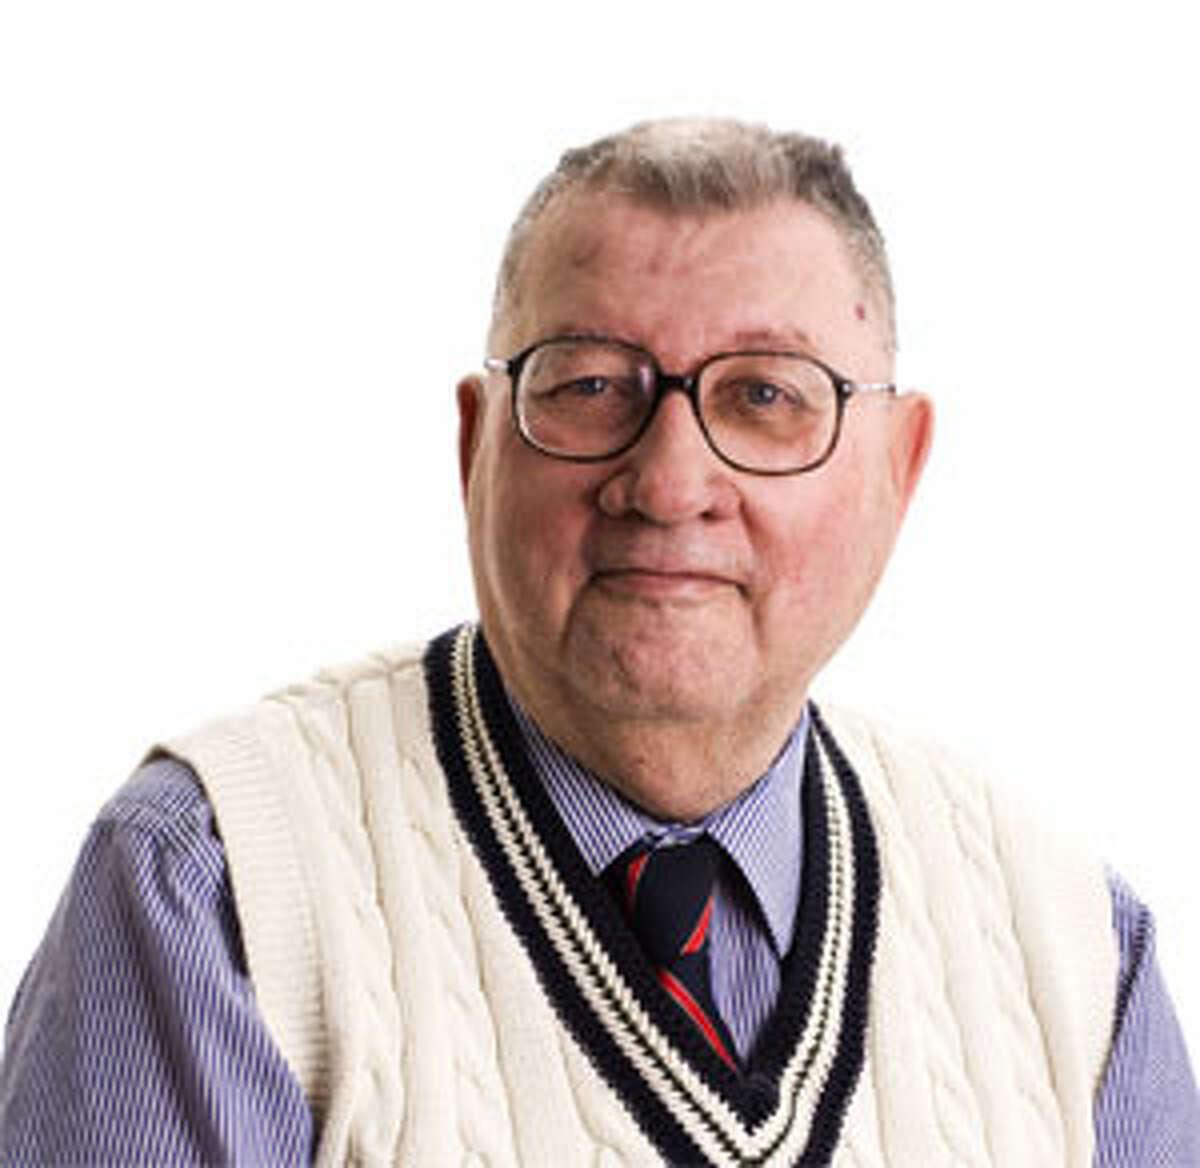 Don Winger